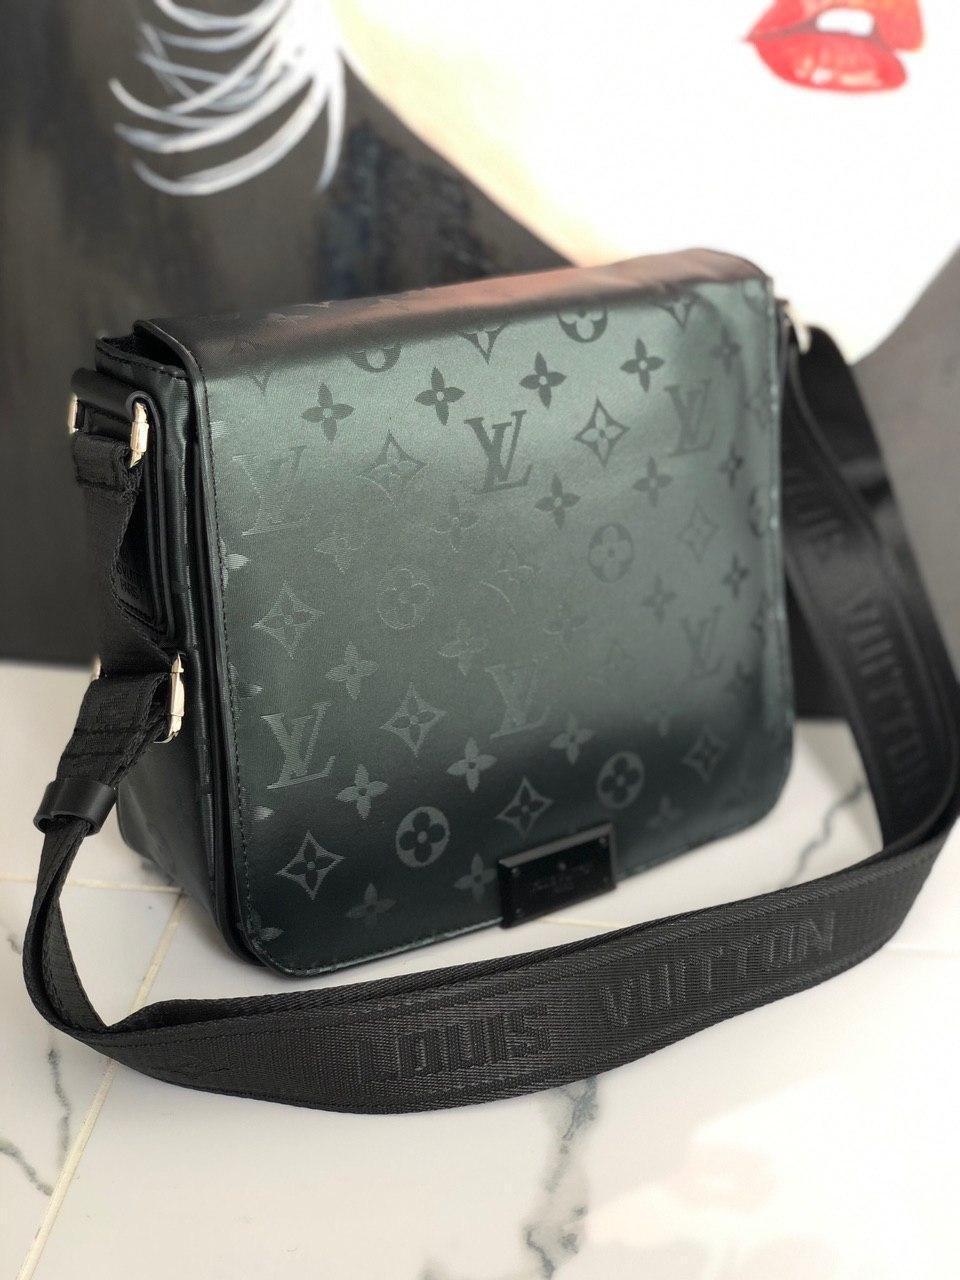 Мужская сумка LV black atlas 099-4 (реплика)